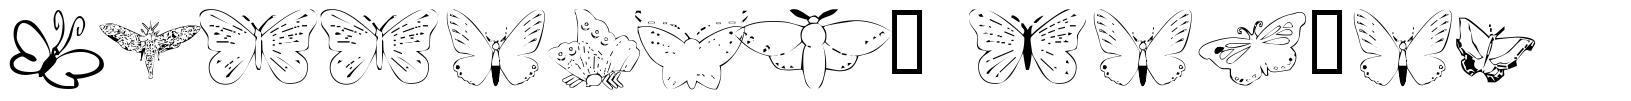 Butterfly Heaven schriftart